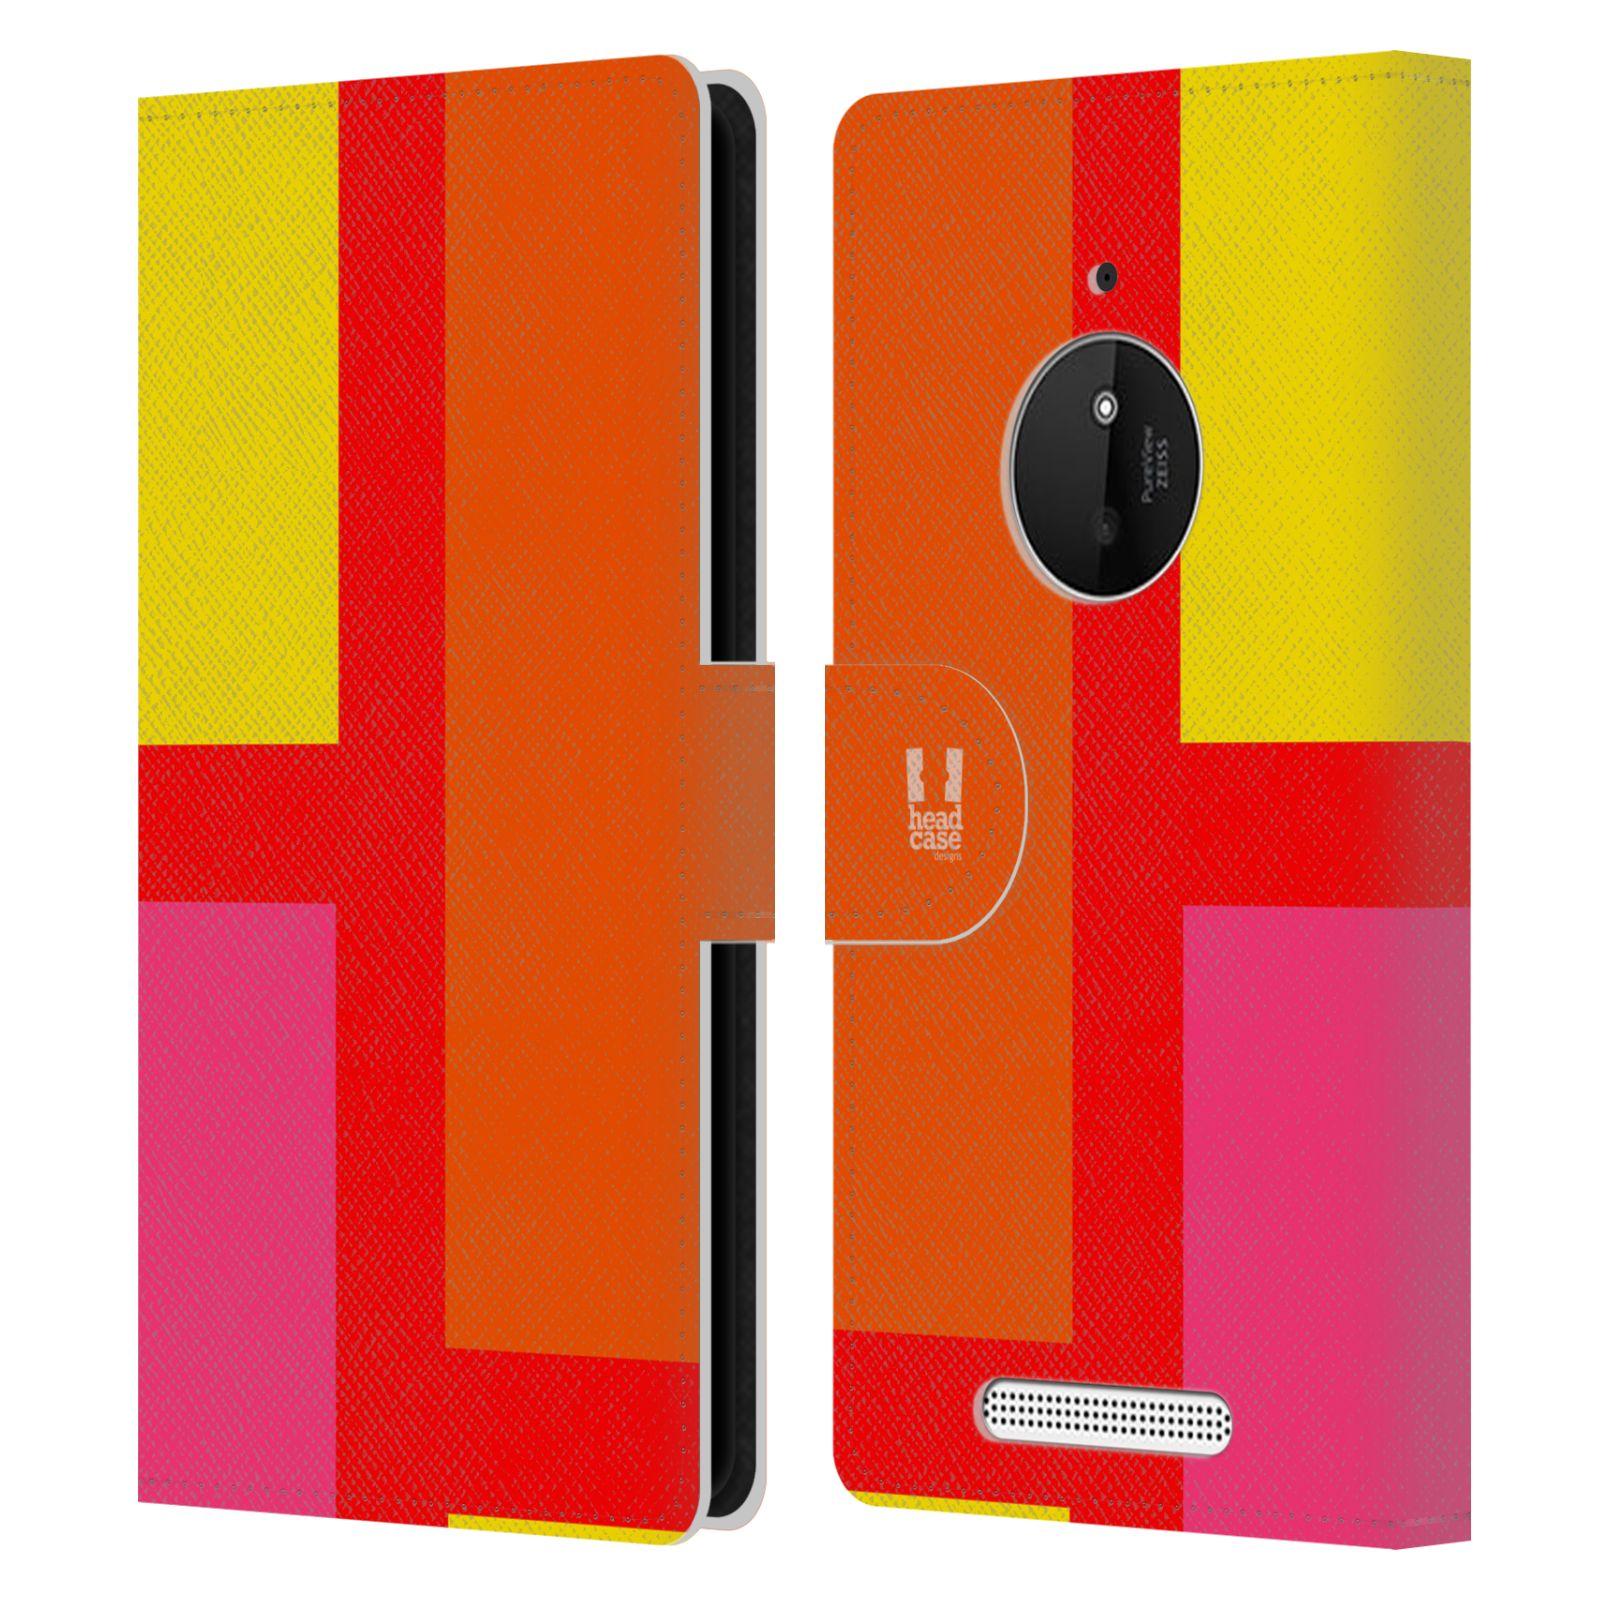 HEAD CASE Flipové pouzdro pro mobil Nokia LUMIA 830 barevné tvary oranžová ulice